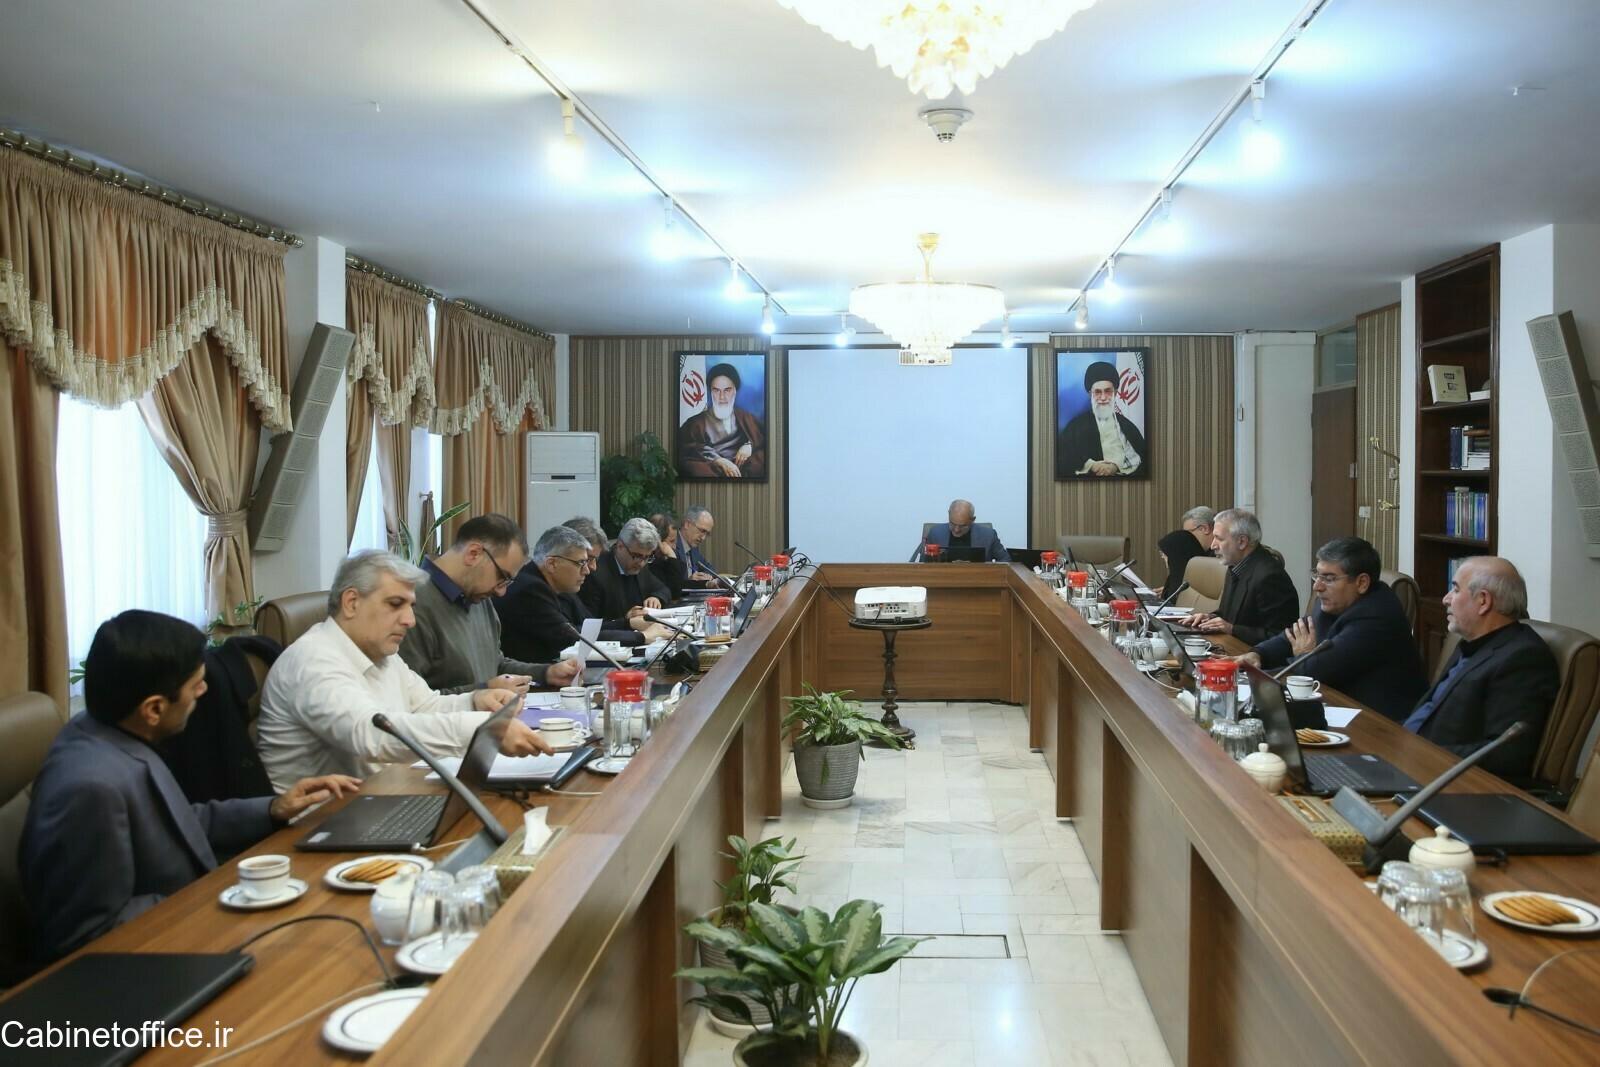 جلسه اصلی کمیسیون فرهنگی در تاریخ ۱۵ دی ۱۳۹۸